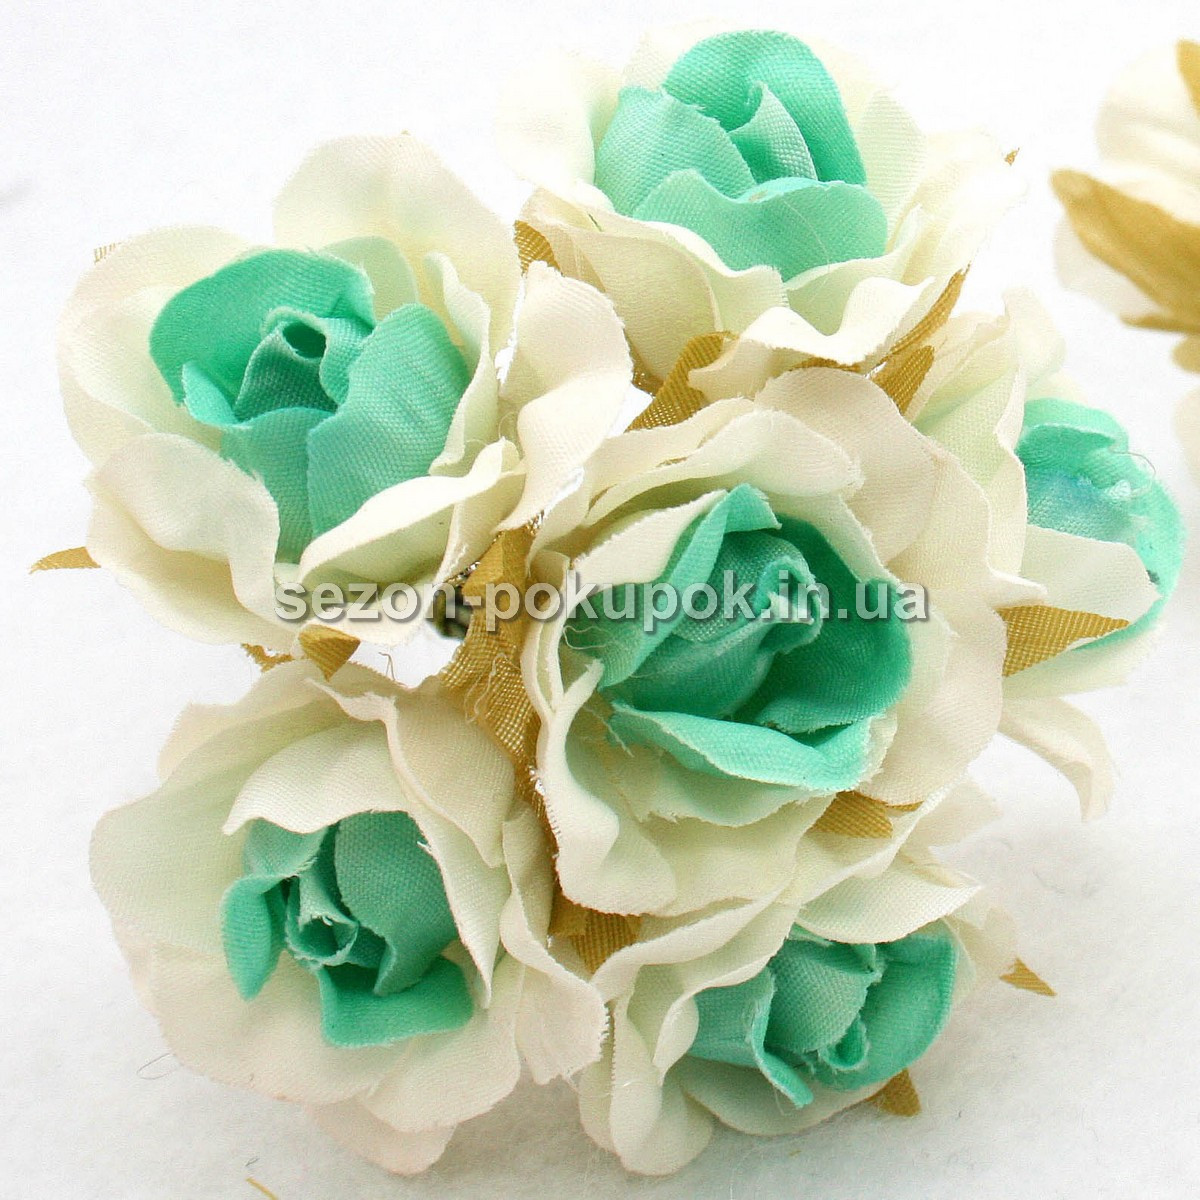 """Цветок """"Роза двухцветная"""" тканевая (цена за букет из 6 шт) Белый с ментооловым"""